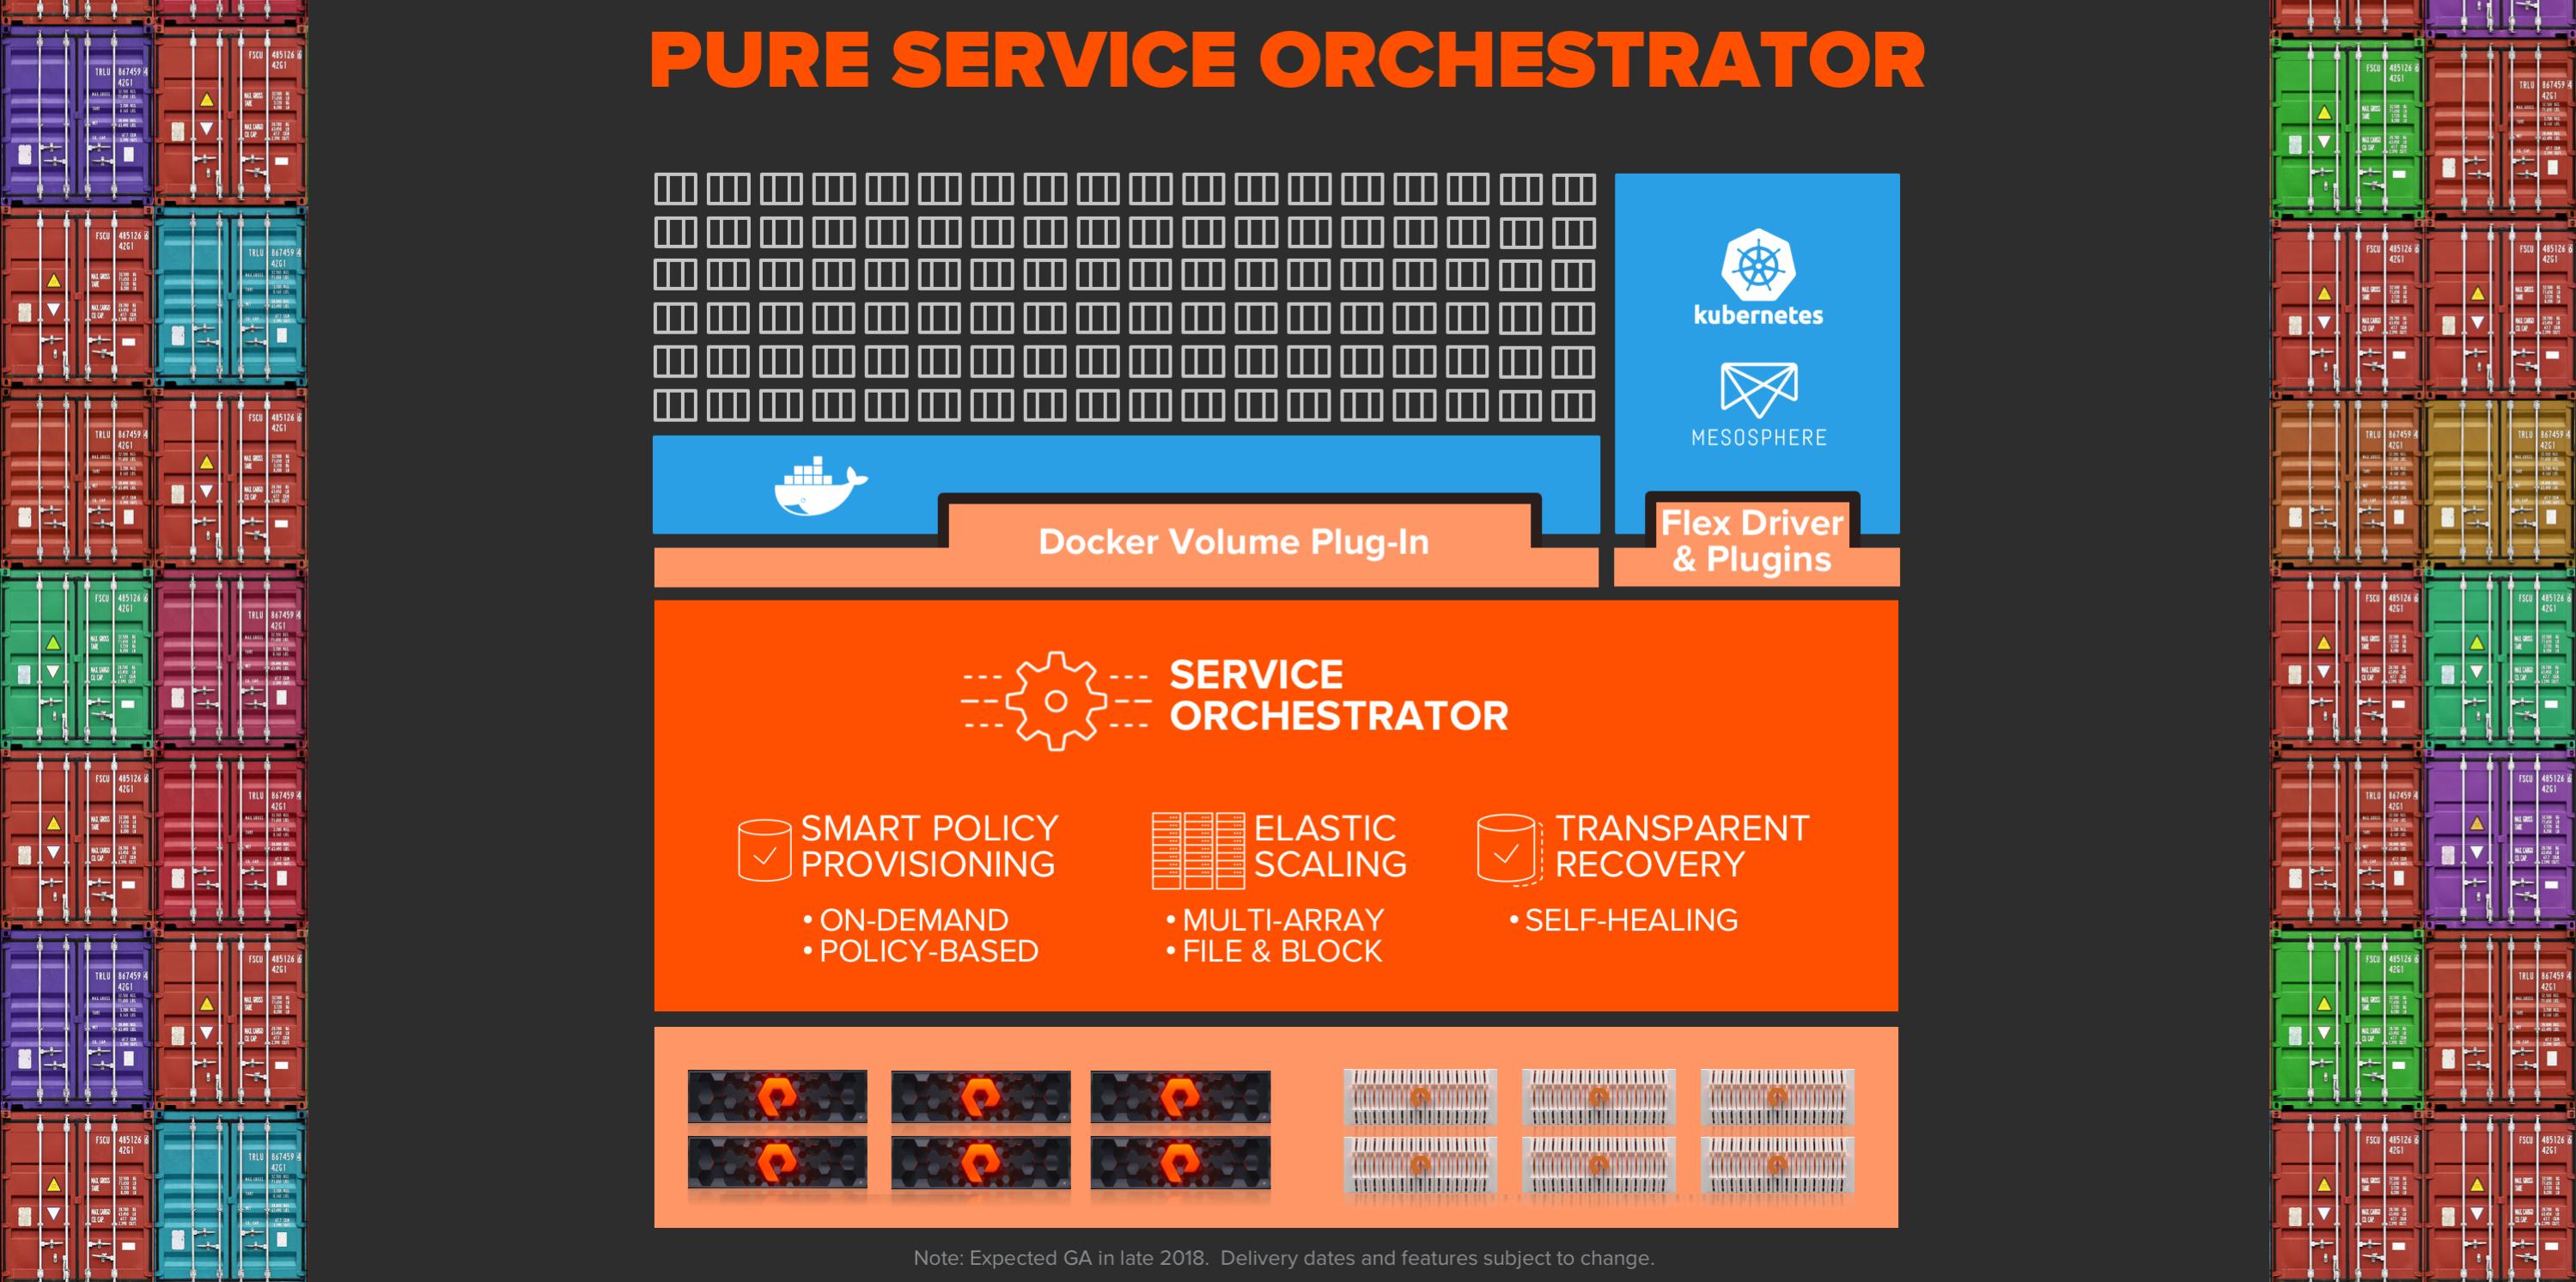 Pure Service Orchestrator